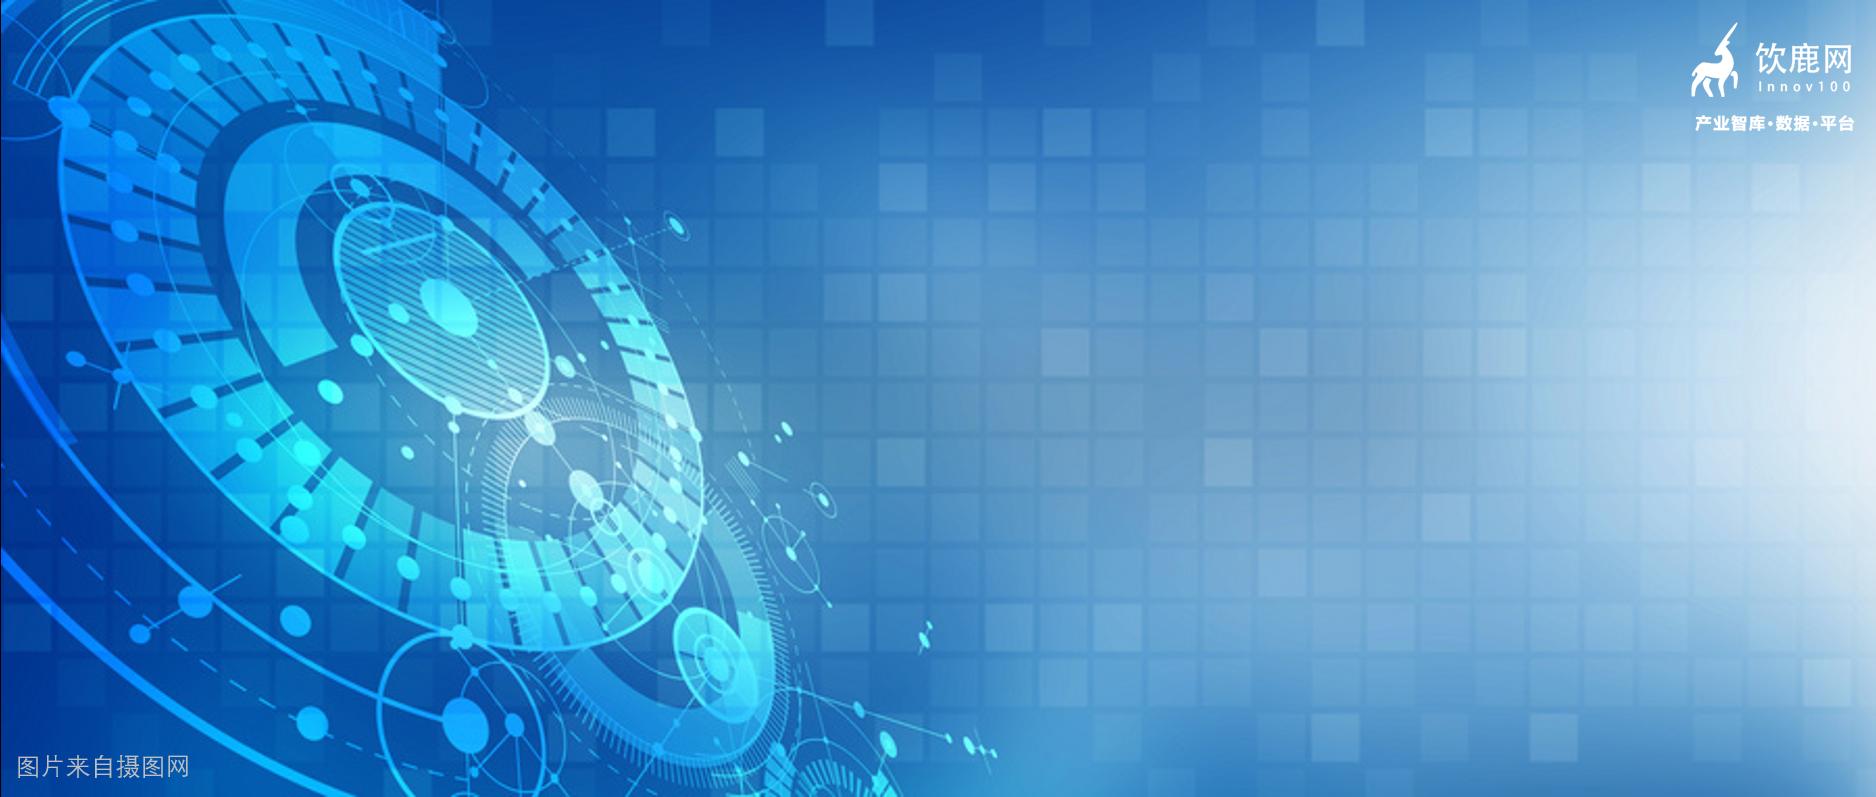 赛智时代:产业数字化转型现状与趋势研究